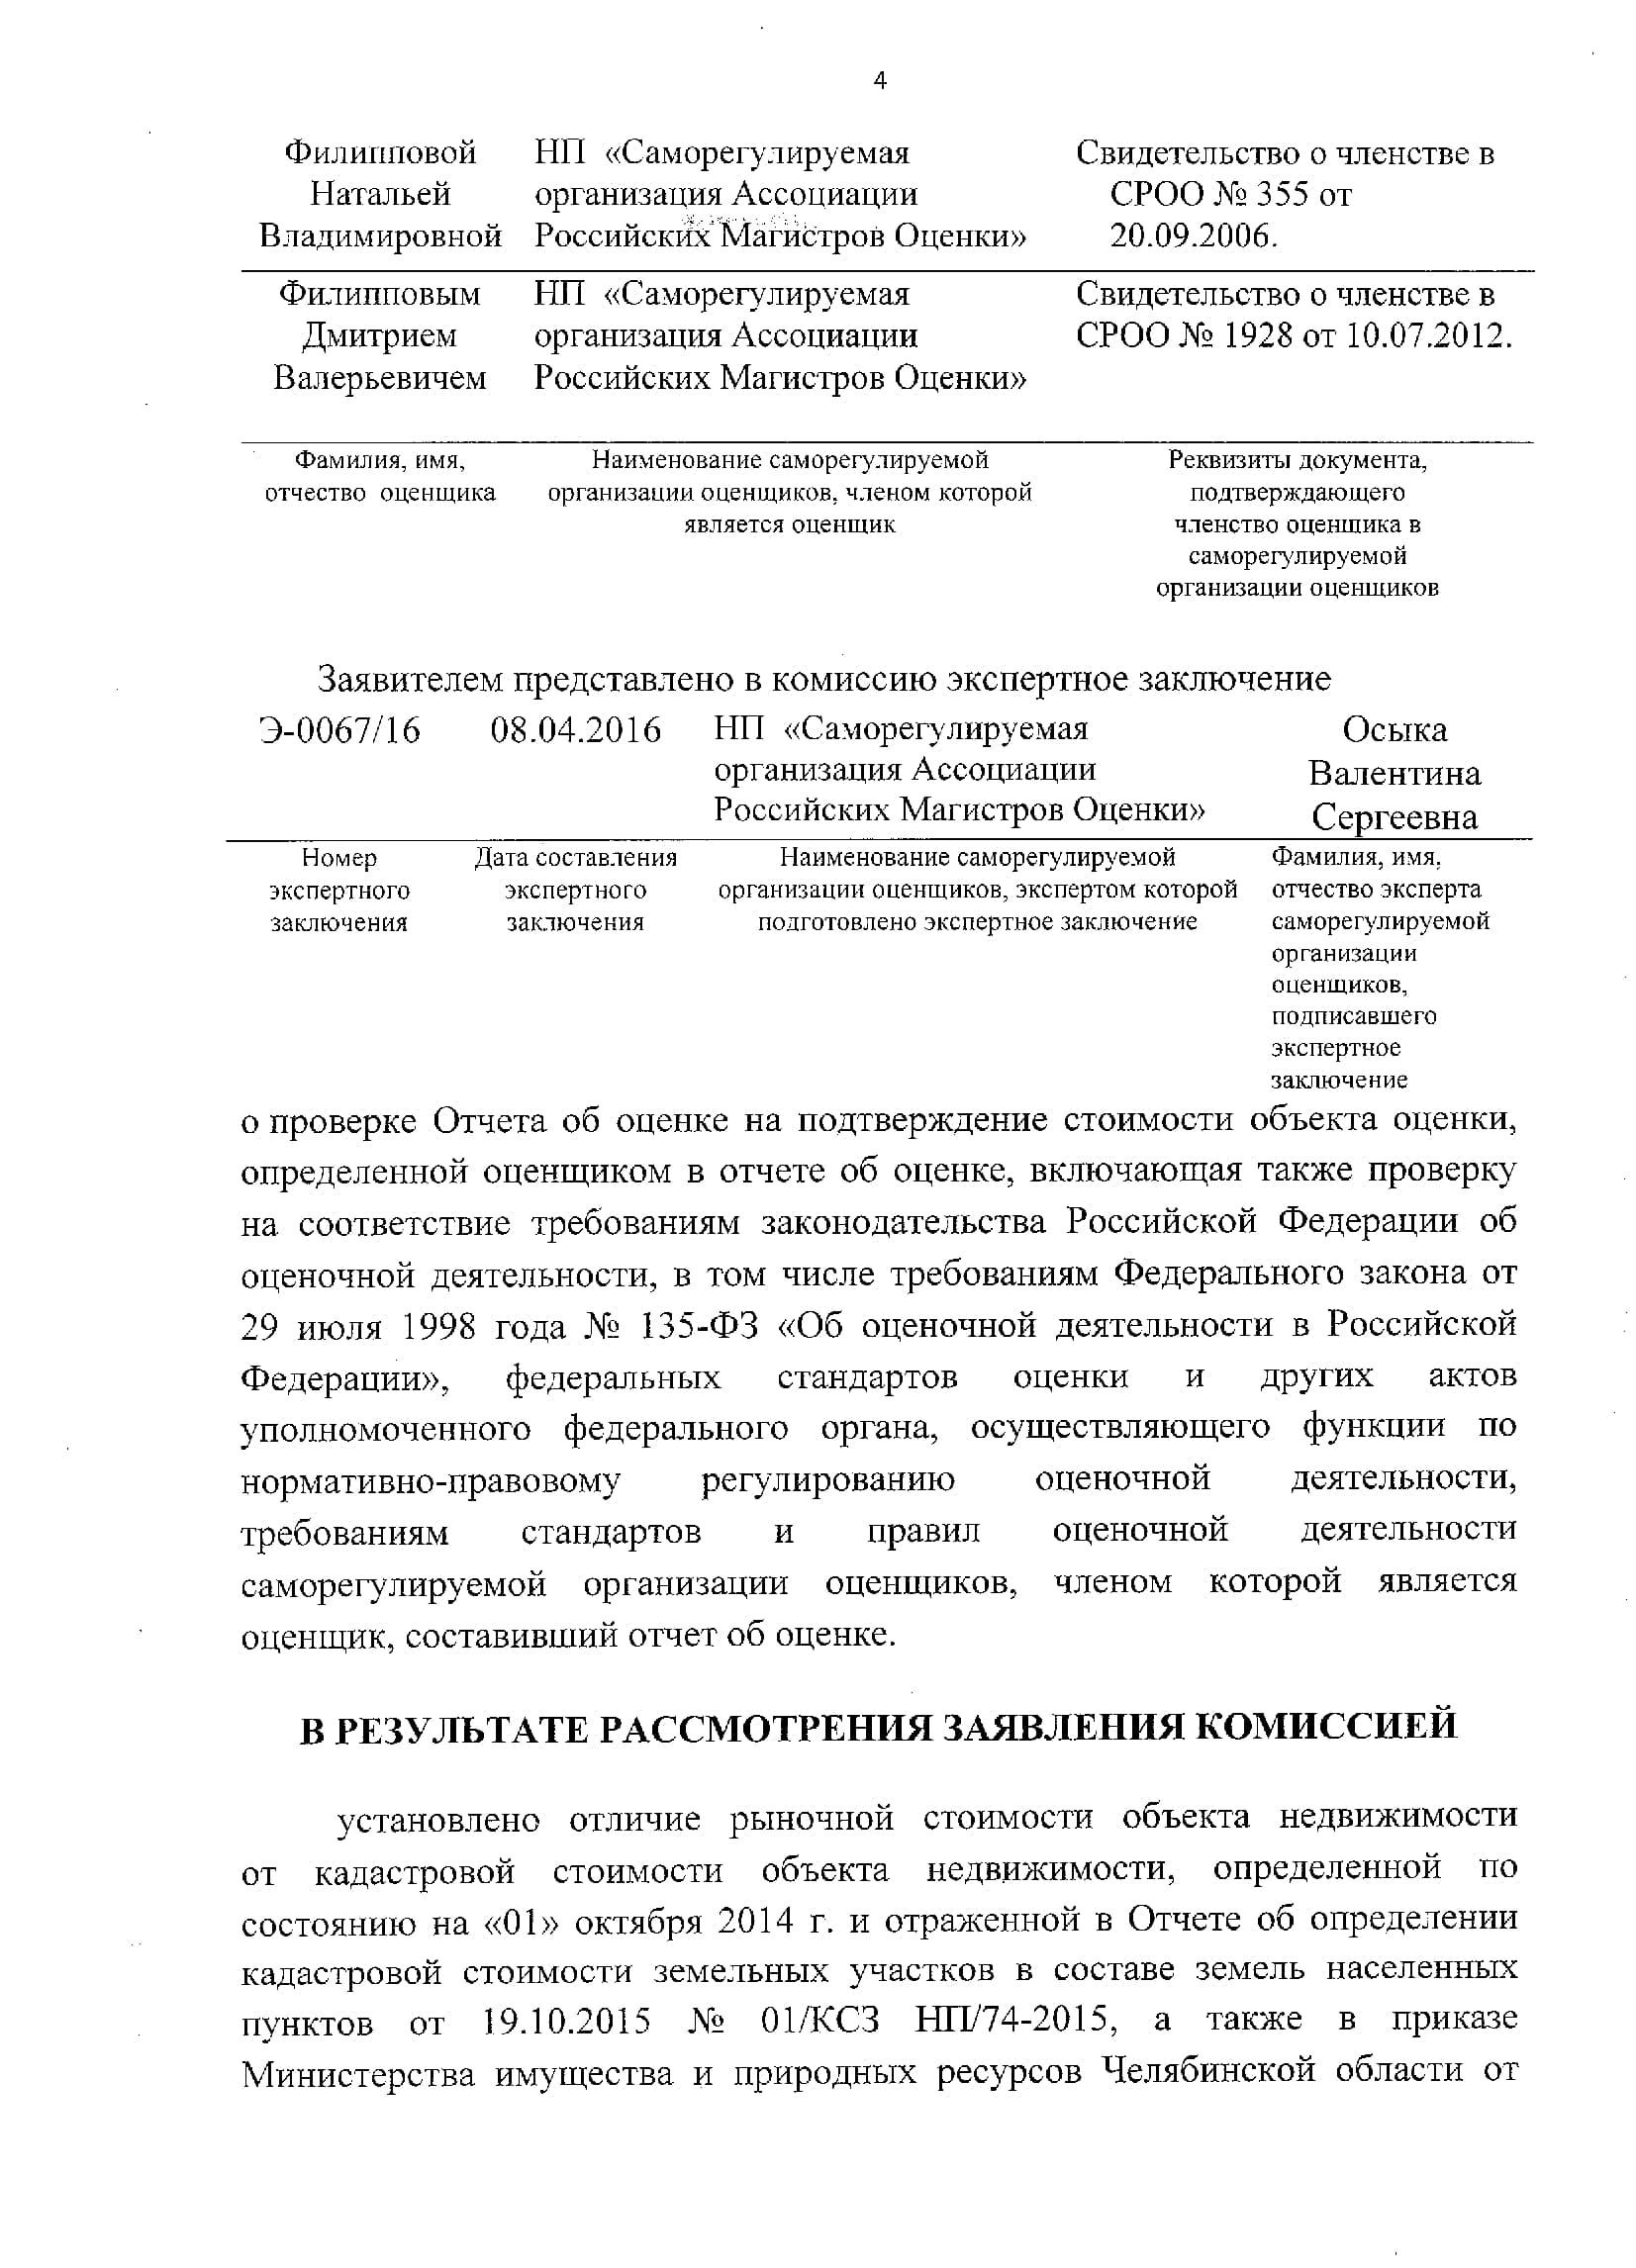 документы подтверждающие недостоверность сведений об объекте недвижимости